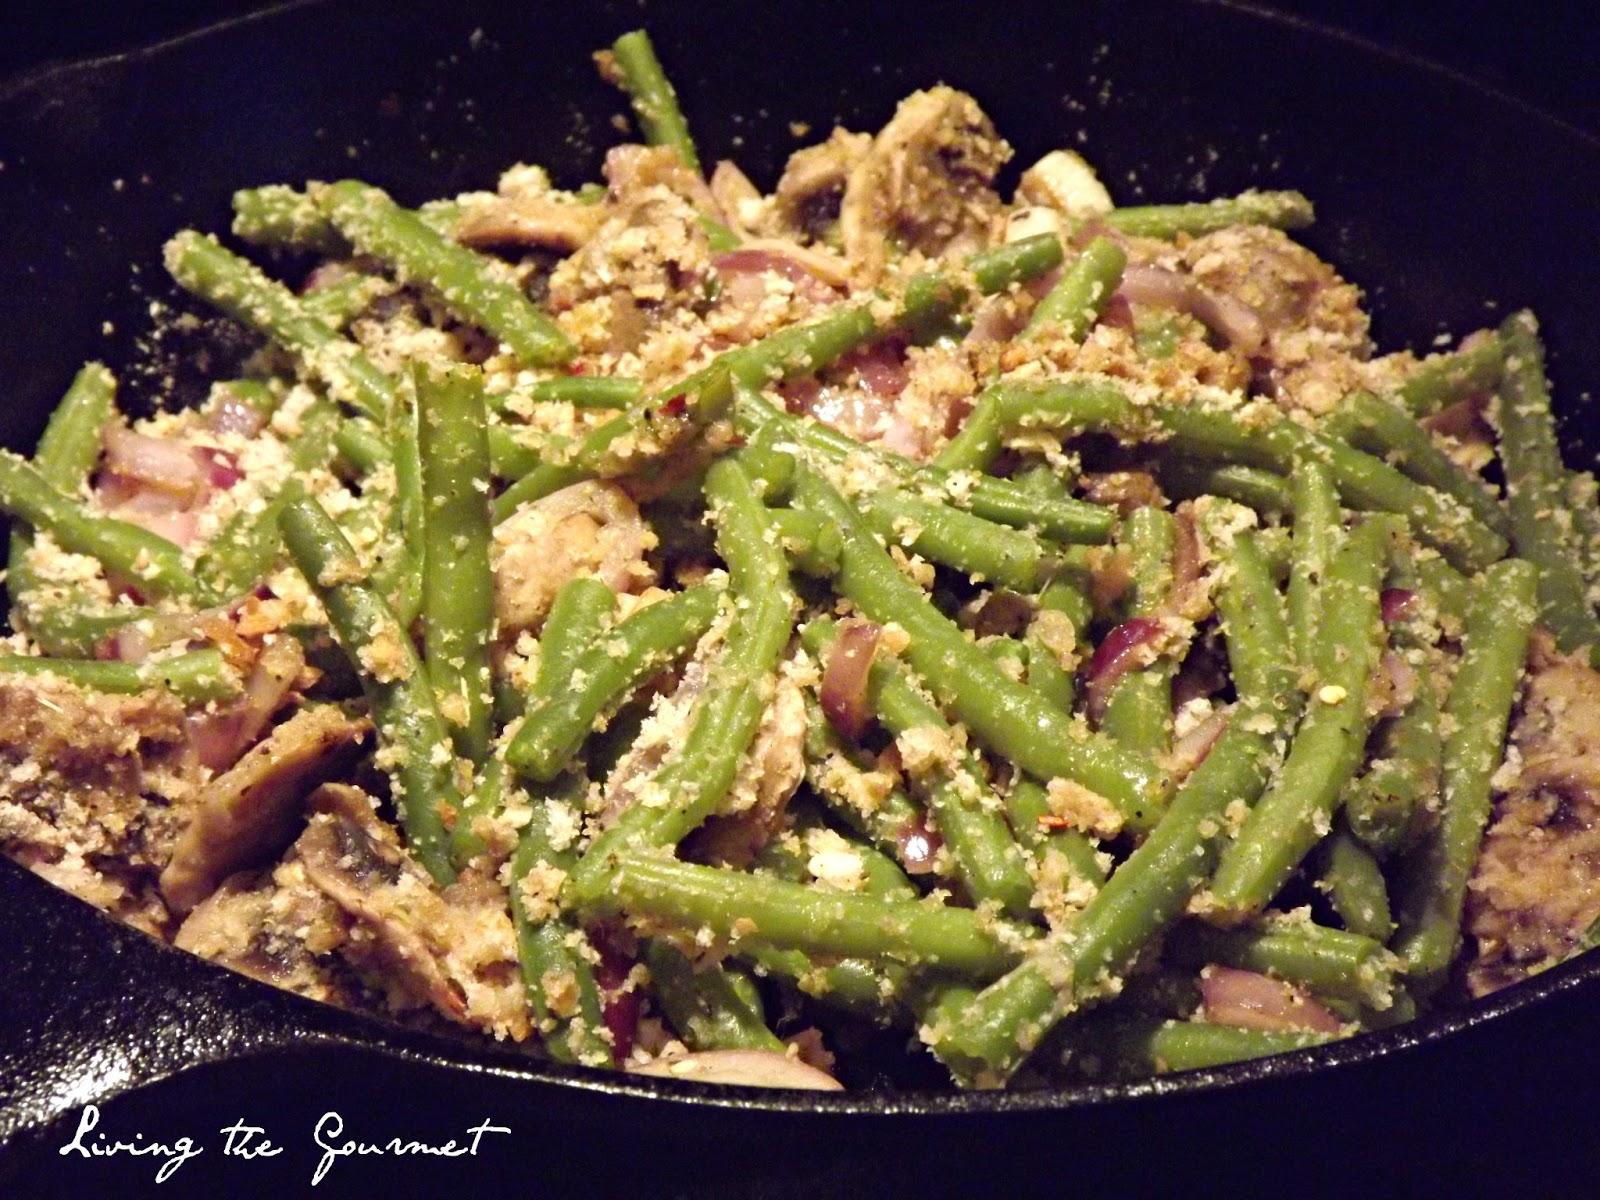 http://2.bp.blogspot.com/-pAmo-jQdza8/UXLKf3-JatI/AAAAAAAADNU/u_rntqjxBjw/s1600/breadedString+Beans.jpg